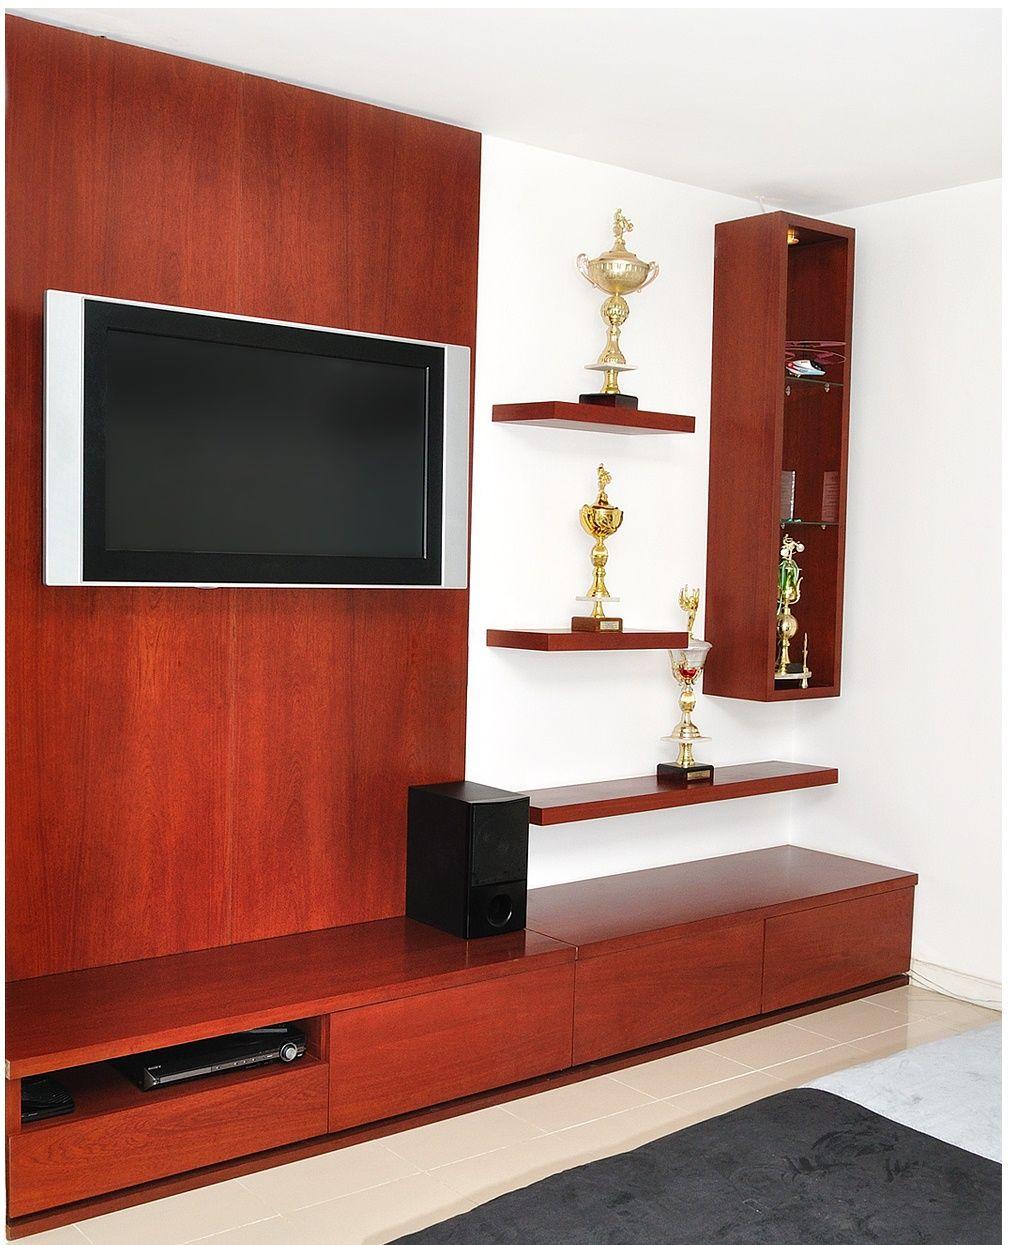 Mueble de tele con acabado de madera mueble tele - Muebles para teles ...